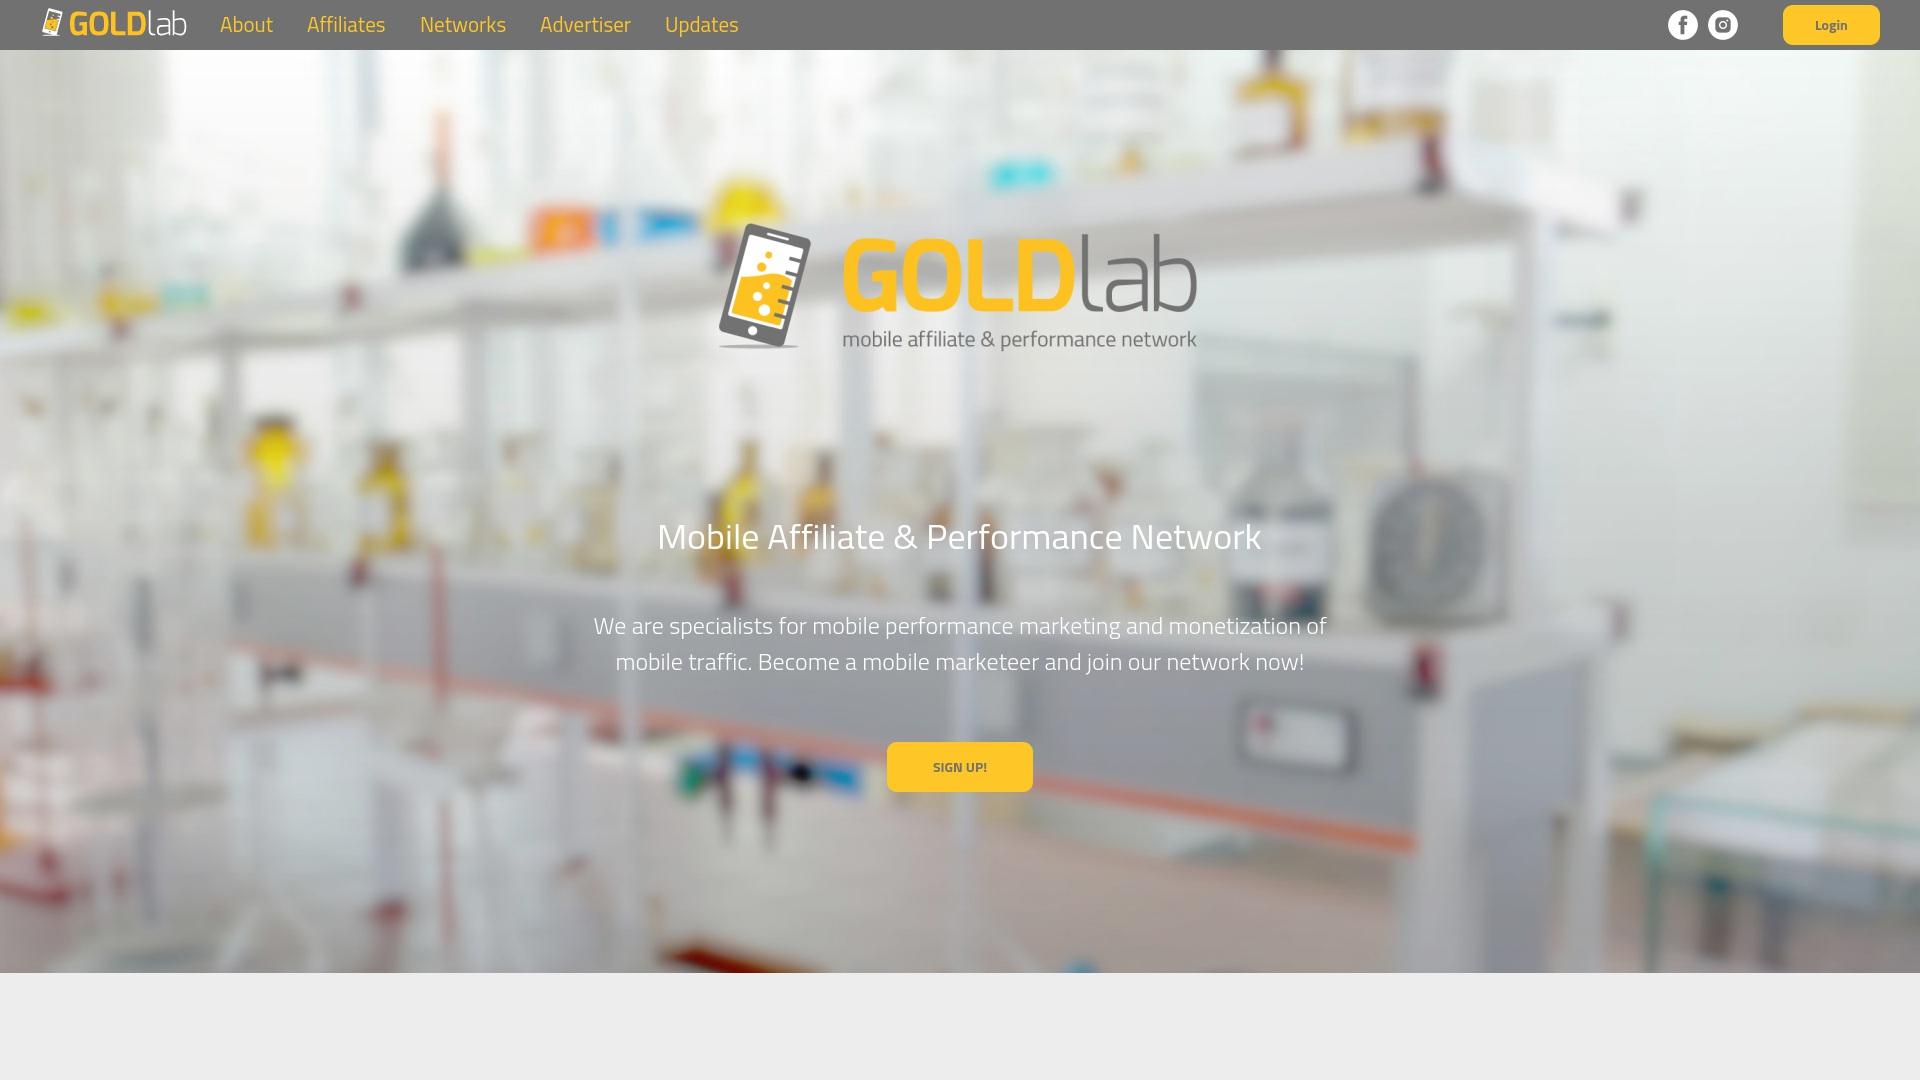 Gutschein für Goldlab: Rabatte für  Goldlab sichern